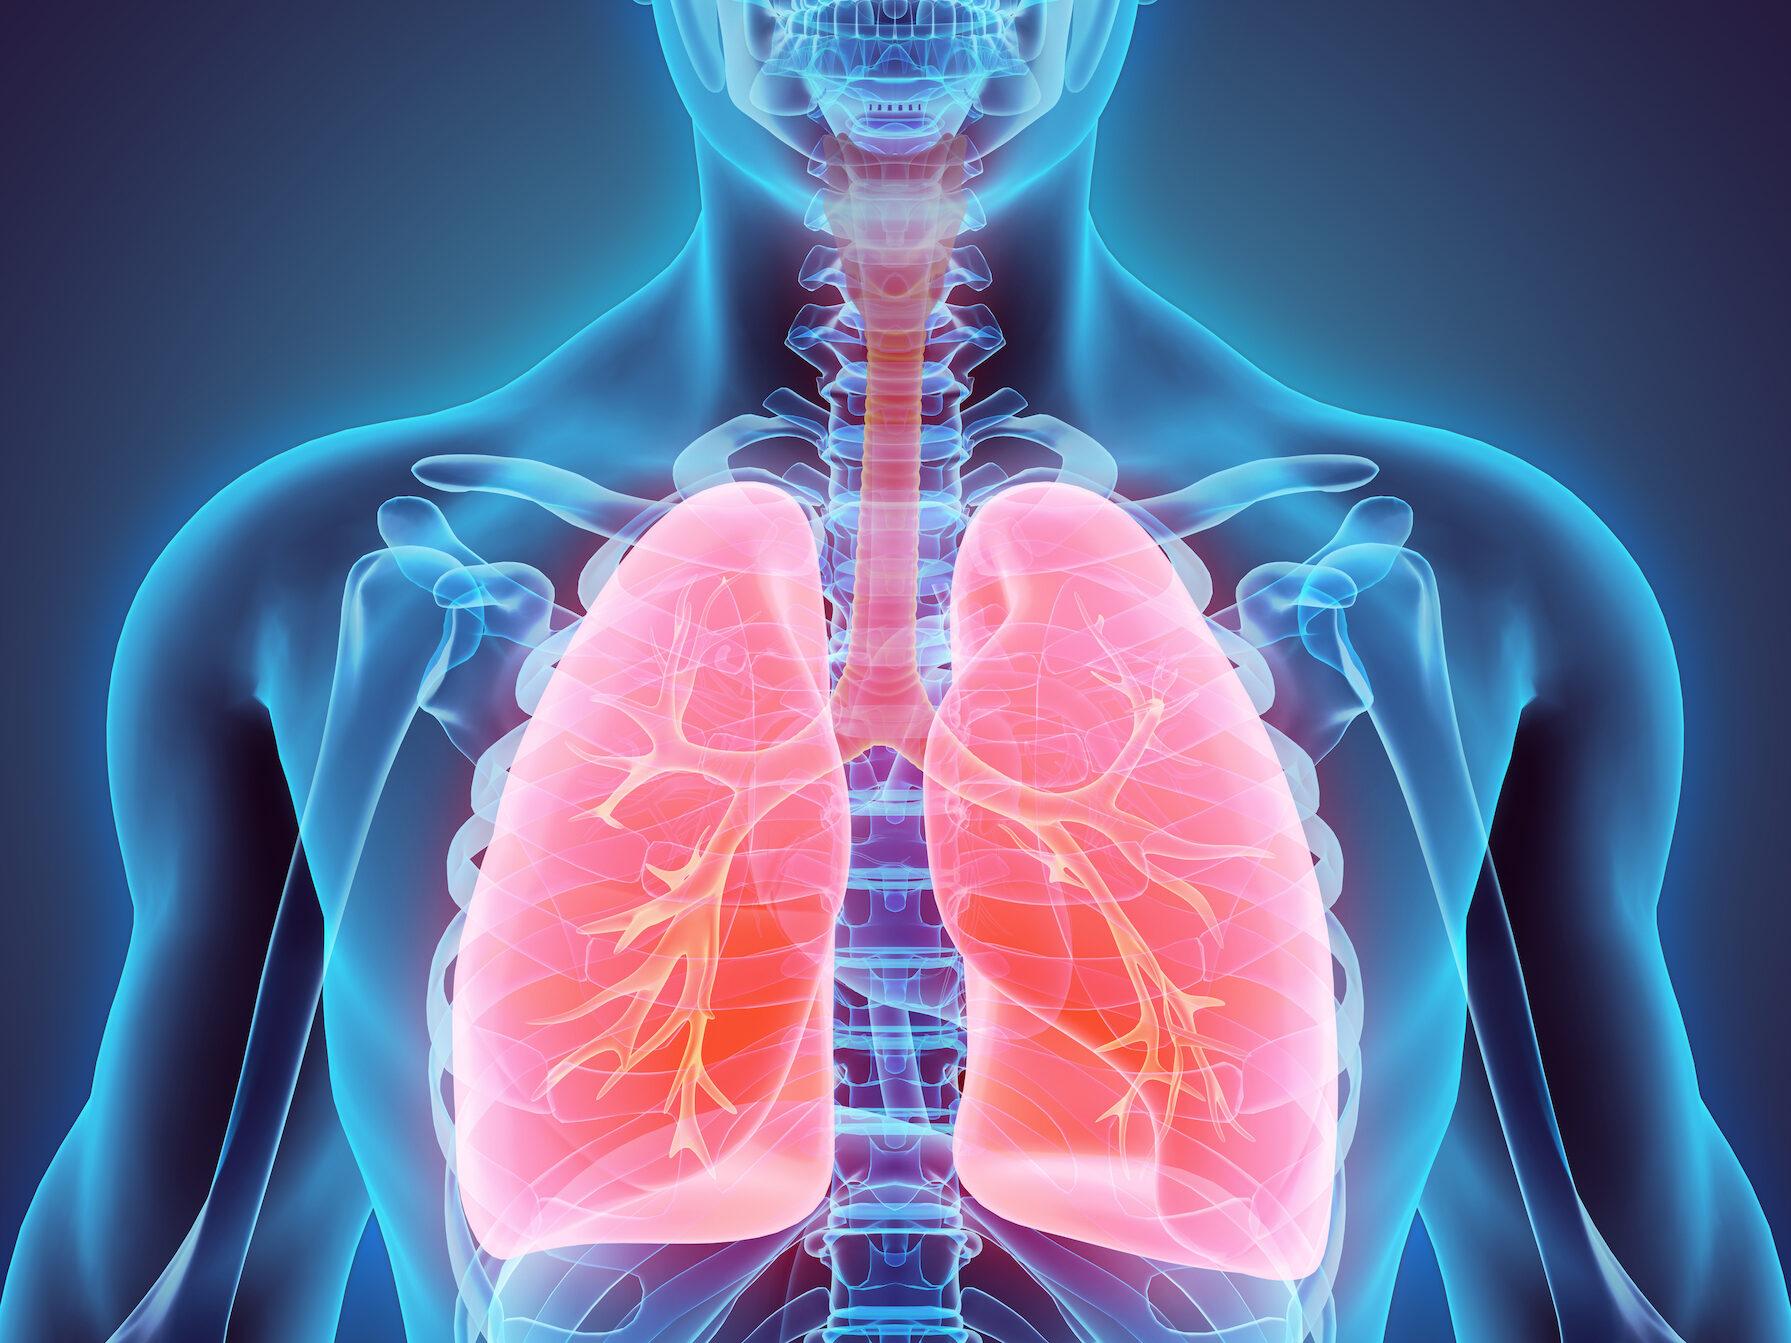 A légzés orvosságokat okoz)